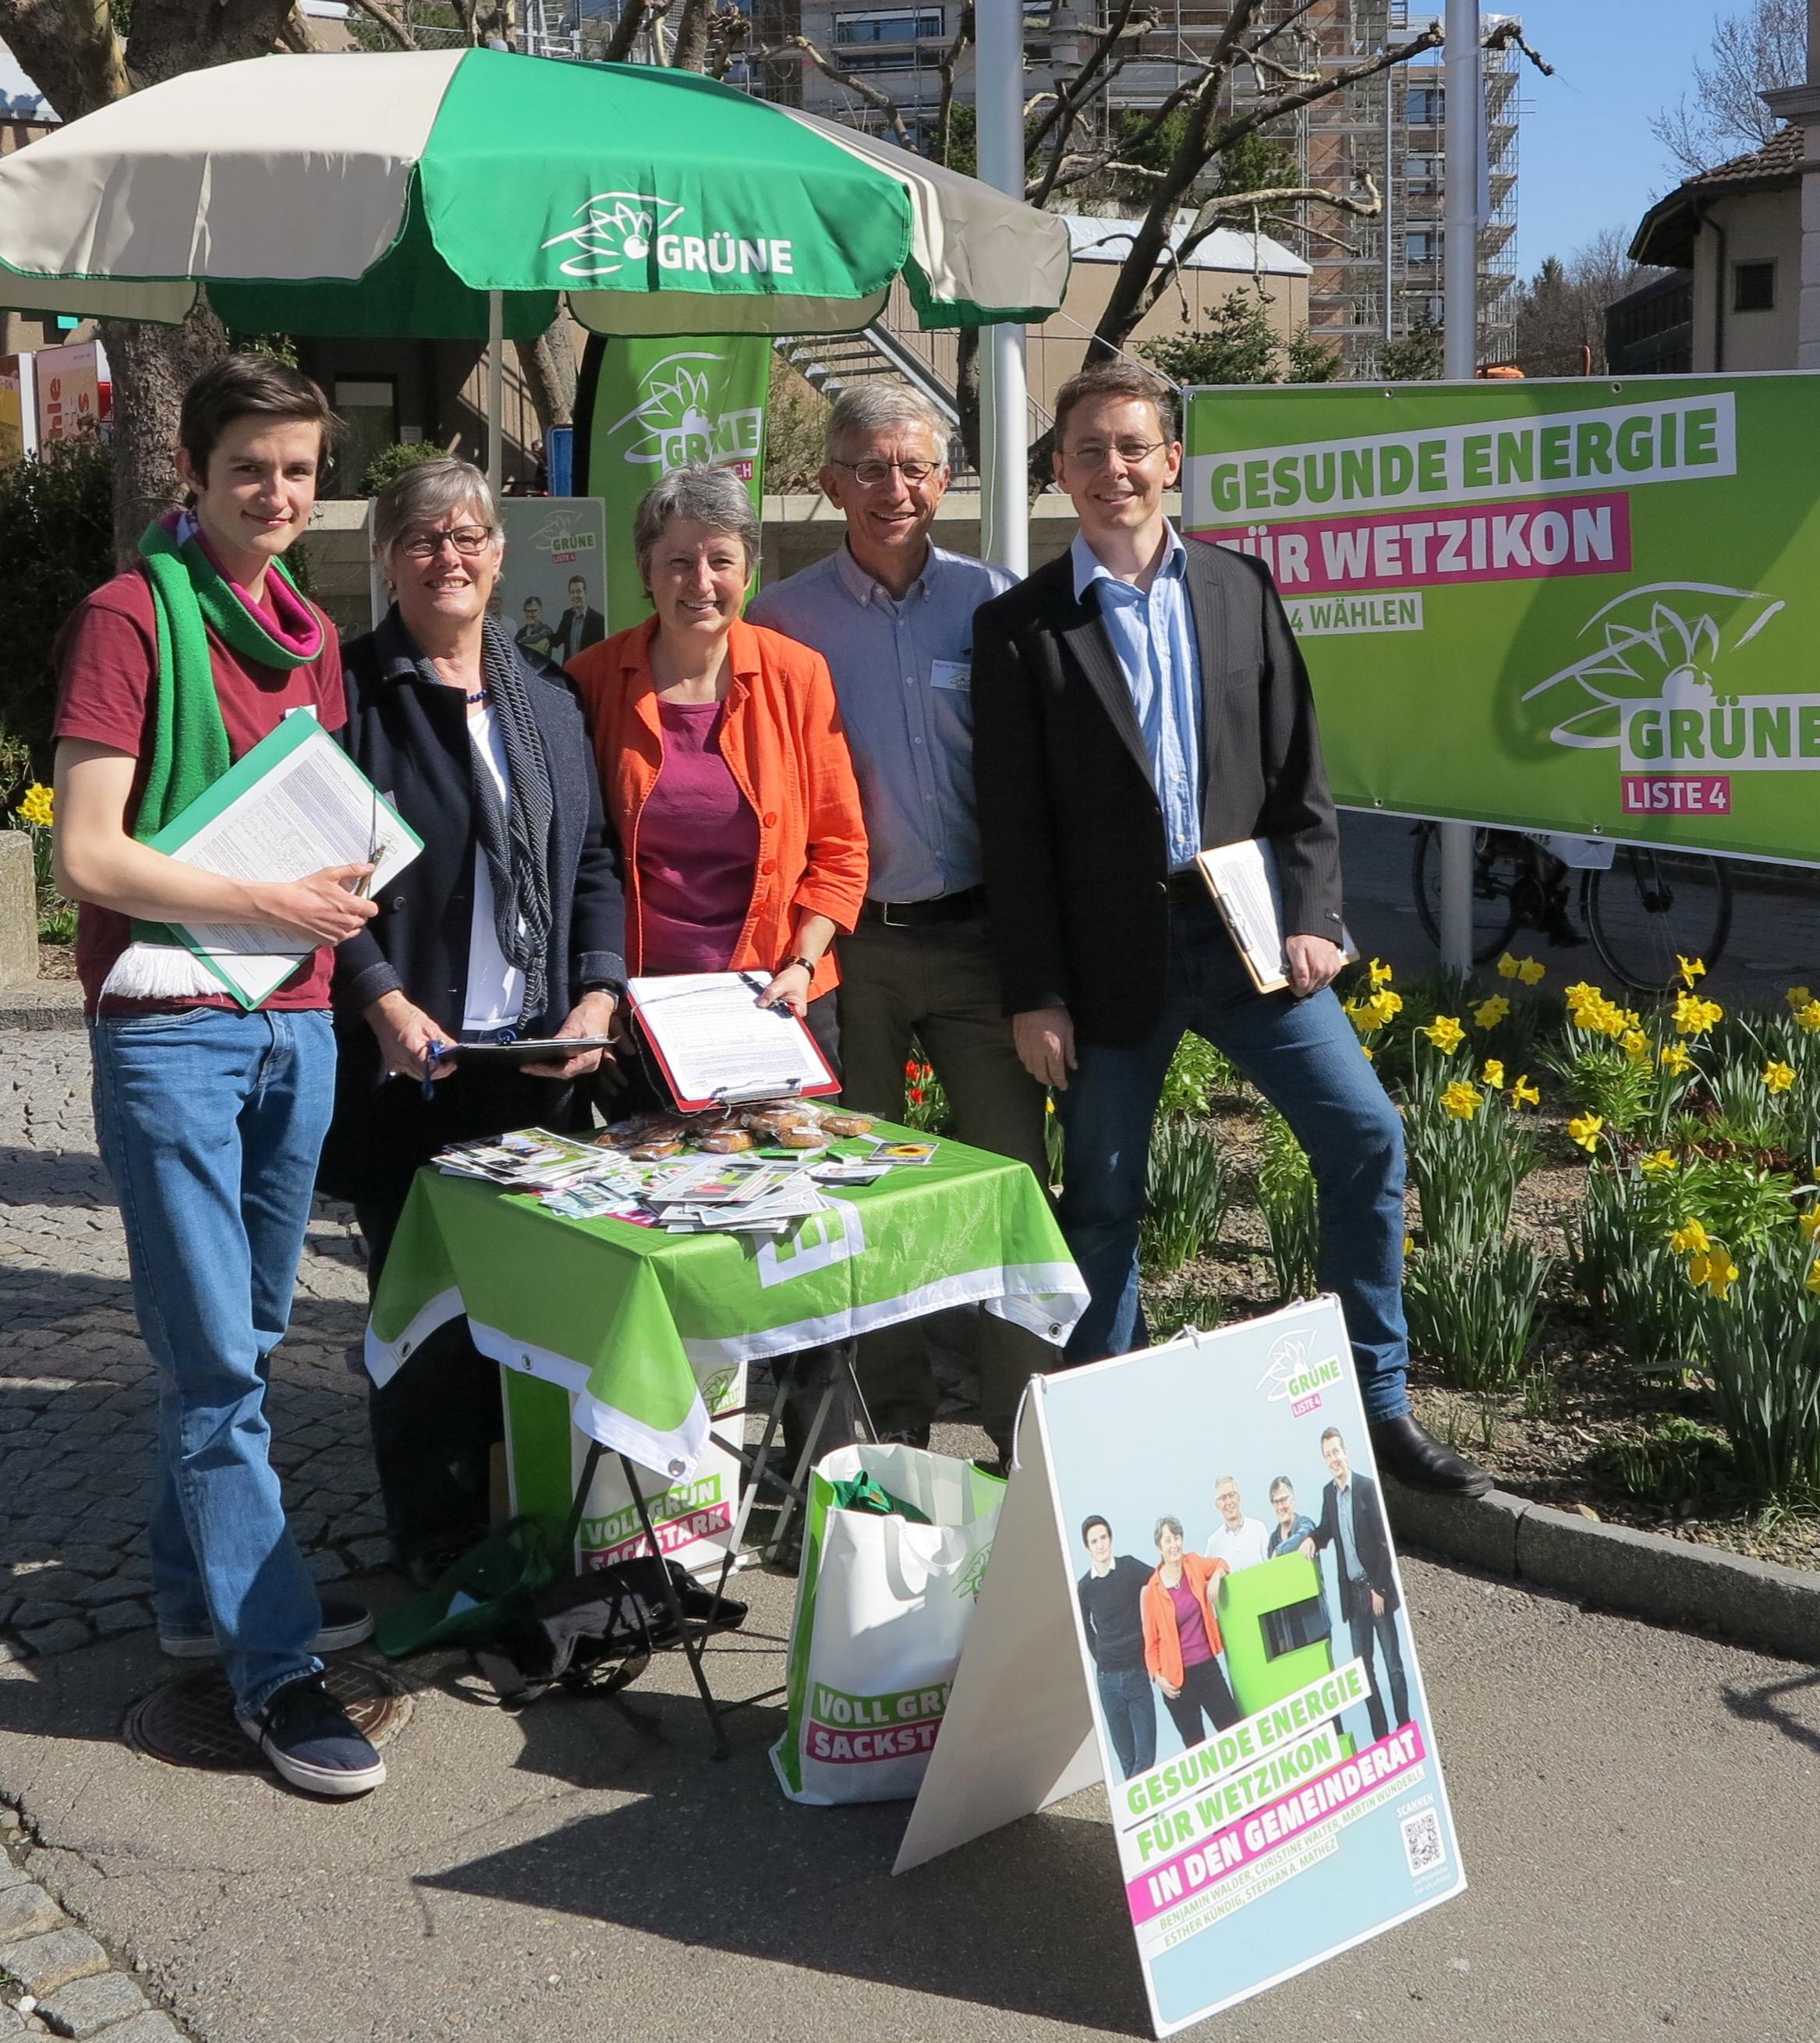 Zufriedenes Wahlkampfteam: (v.l.n.r) Benjamin Walder, Esther Kündig, Christine Walter, Stephan Mathez